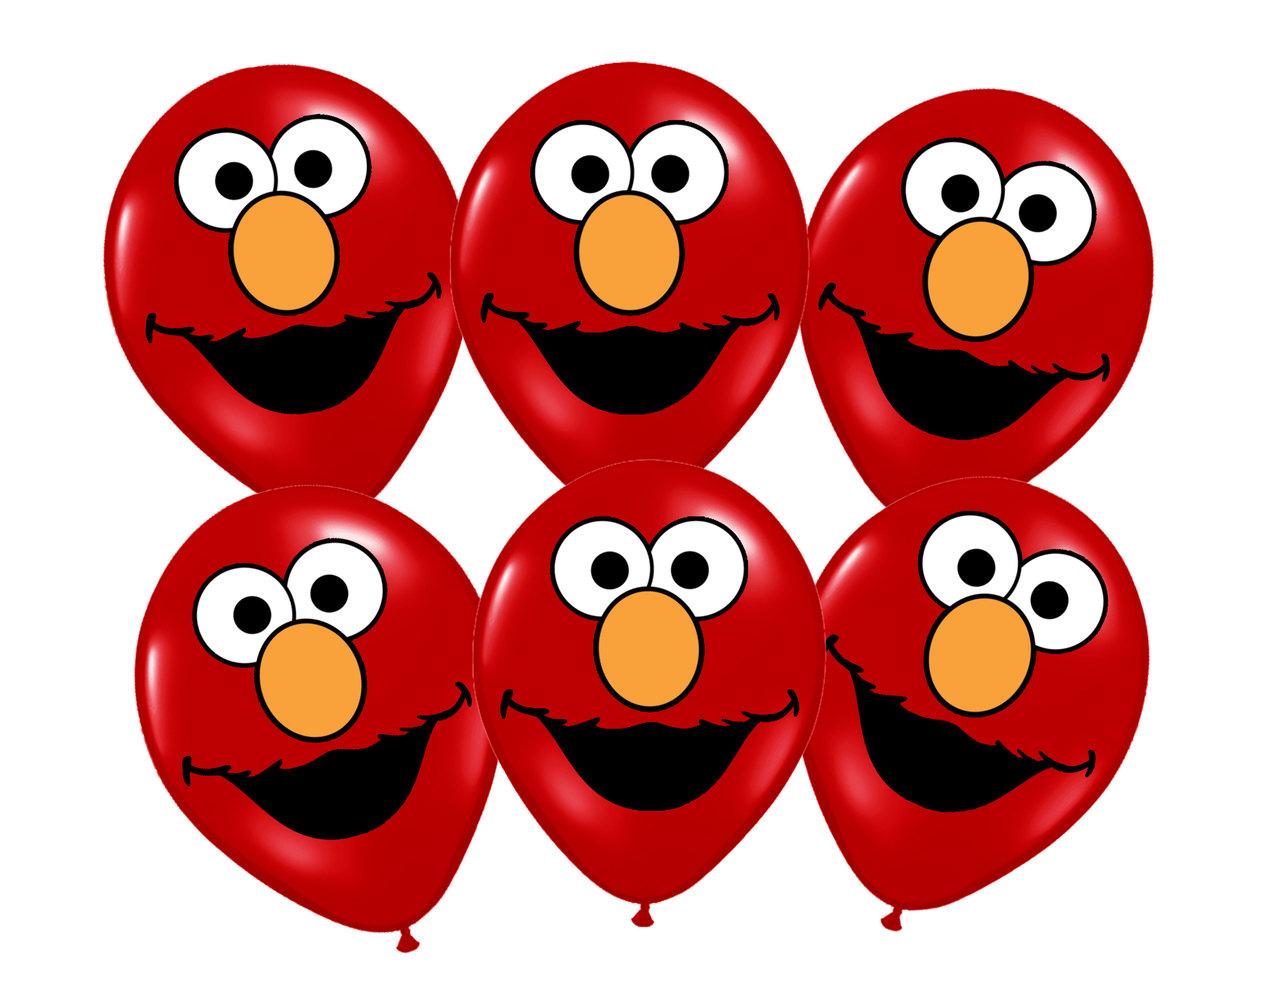 elmo face balloons